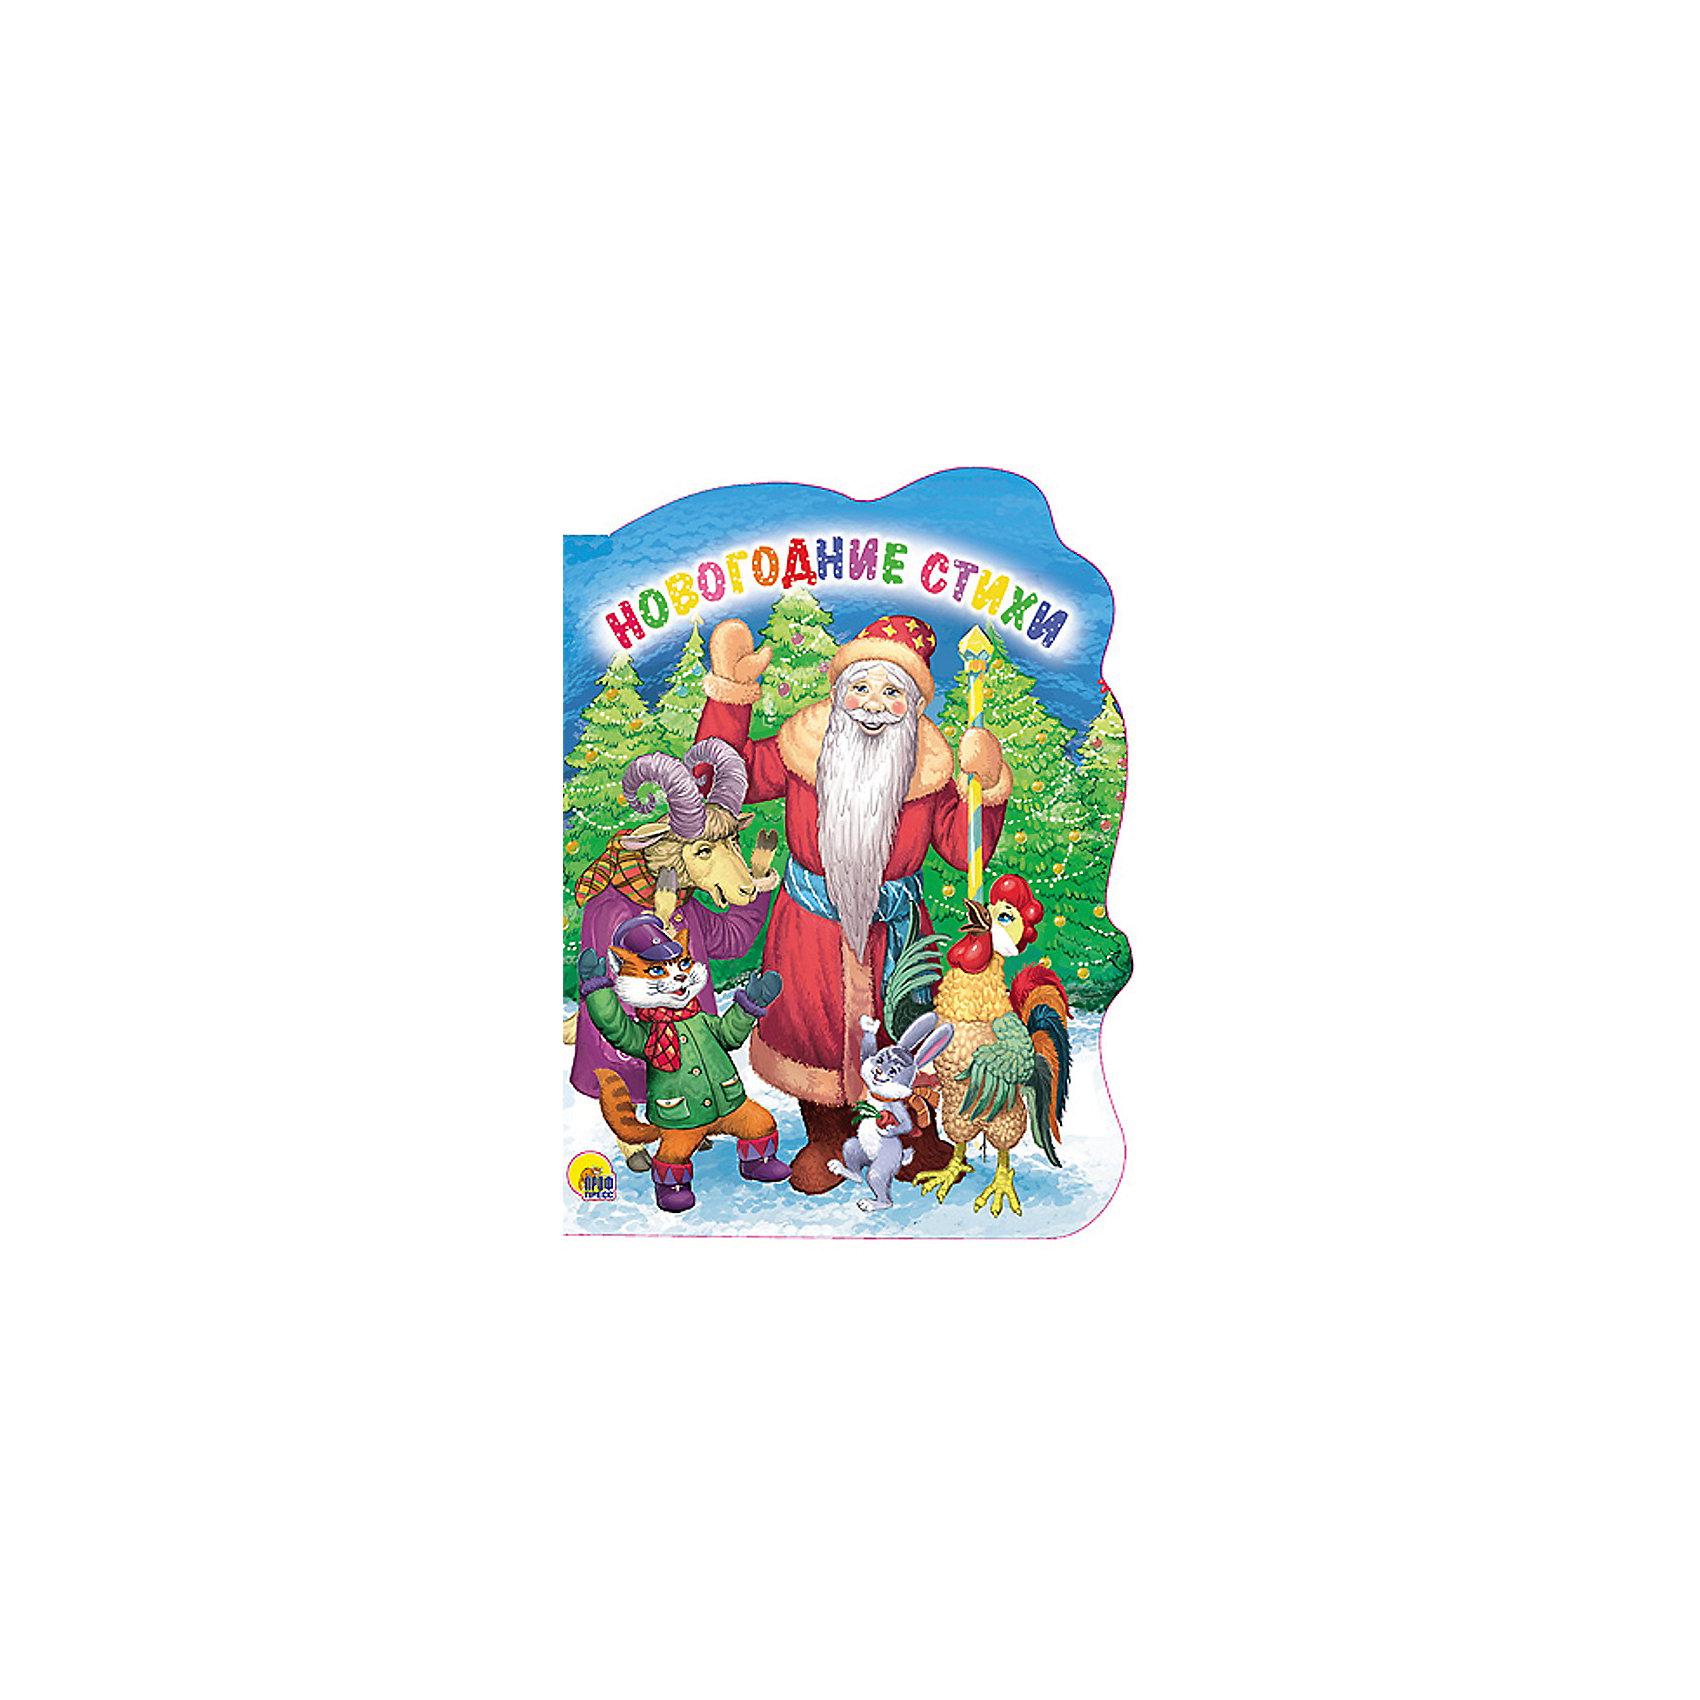 Книга Новогодние стихиКнига Новогодние стихи – эта книга поможет родителям познакомить ребёнка с веселыми стихами на новогоднюю тематику.<br>Красочно иллюстрированная детская книга стихов порадует вас и вашего ребенка. Читать ее и рассматривать картинки - сплошное удовольствие! Книга предназначена для чтения взрослыми детям.<br><br>Дополнительная информация:<br><br>- Автор: Федорова Евгения, Перлова Евгения<br>- Художник: Служаев Виктор<br>- Издательство: Проф-Пресс, 2015 г.<br>- Серия: Новогодняя<br>- Тип обложки: картонная обложка<br>- Оформление: вырубка<br>- Иллюстрации: цветные<br>- Количество страниц: 8 (картон)<br>- Размер: 214x158x6 мм.<br>- Вес: 124 гр.<br><br>Книгу Новогодние стихи можно купить в нашем интернет-магазине.<br><br>Ширина мм: 155<br>Глубина мм: 5<br>Высота мм: 210<br>Вес г: 120<br>Возраст от месяцев: 0<br>Возраст до месяцев: 36<br>Пол: Унисекс<br>Возраст: Детский<br>SKU: 4310918